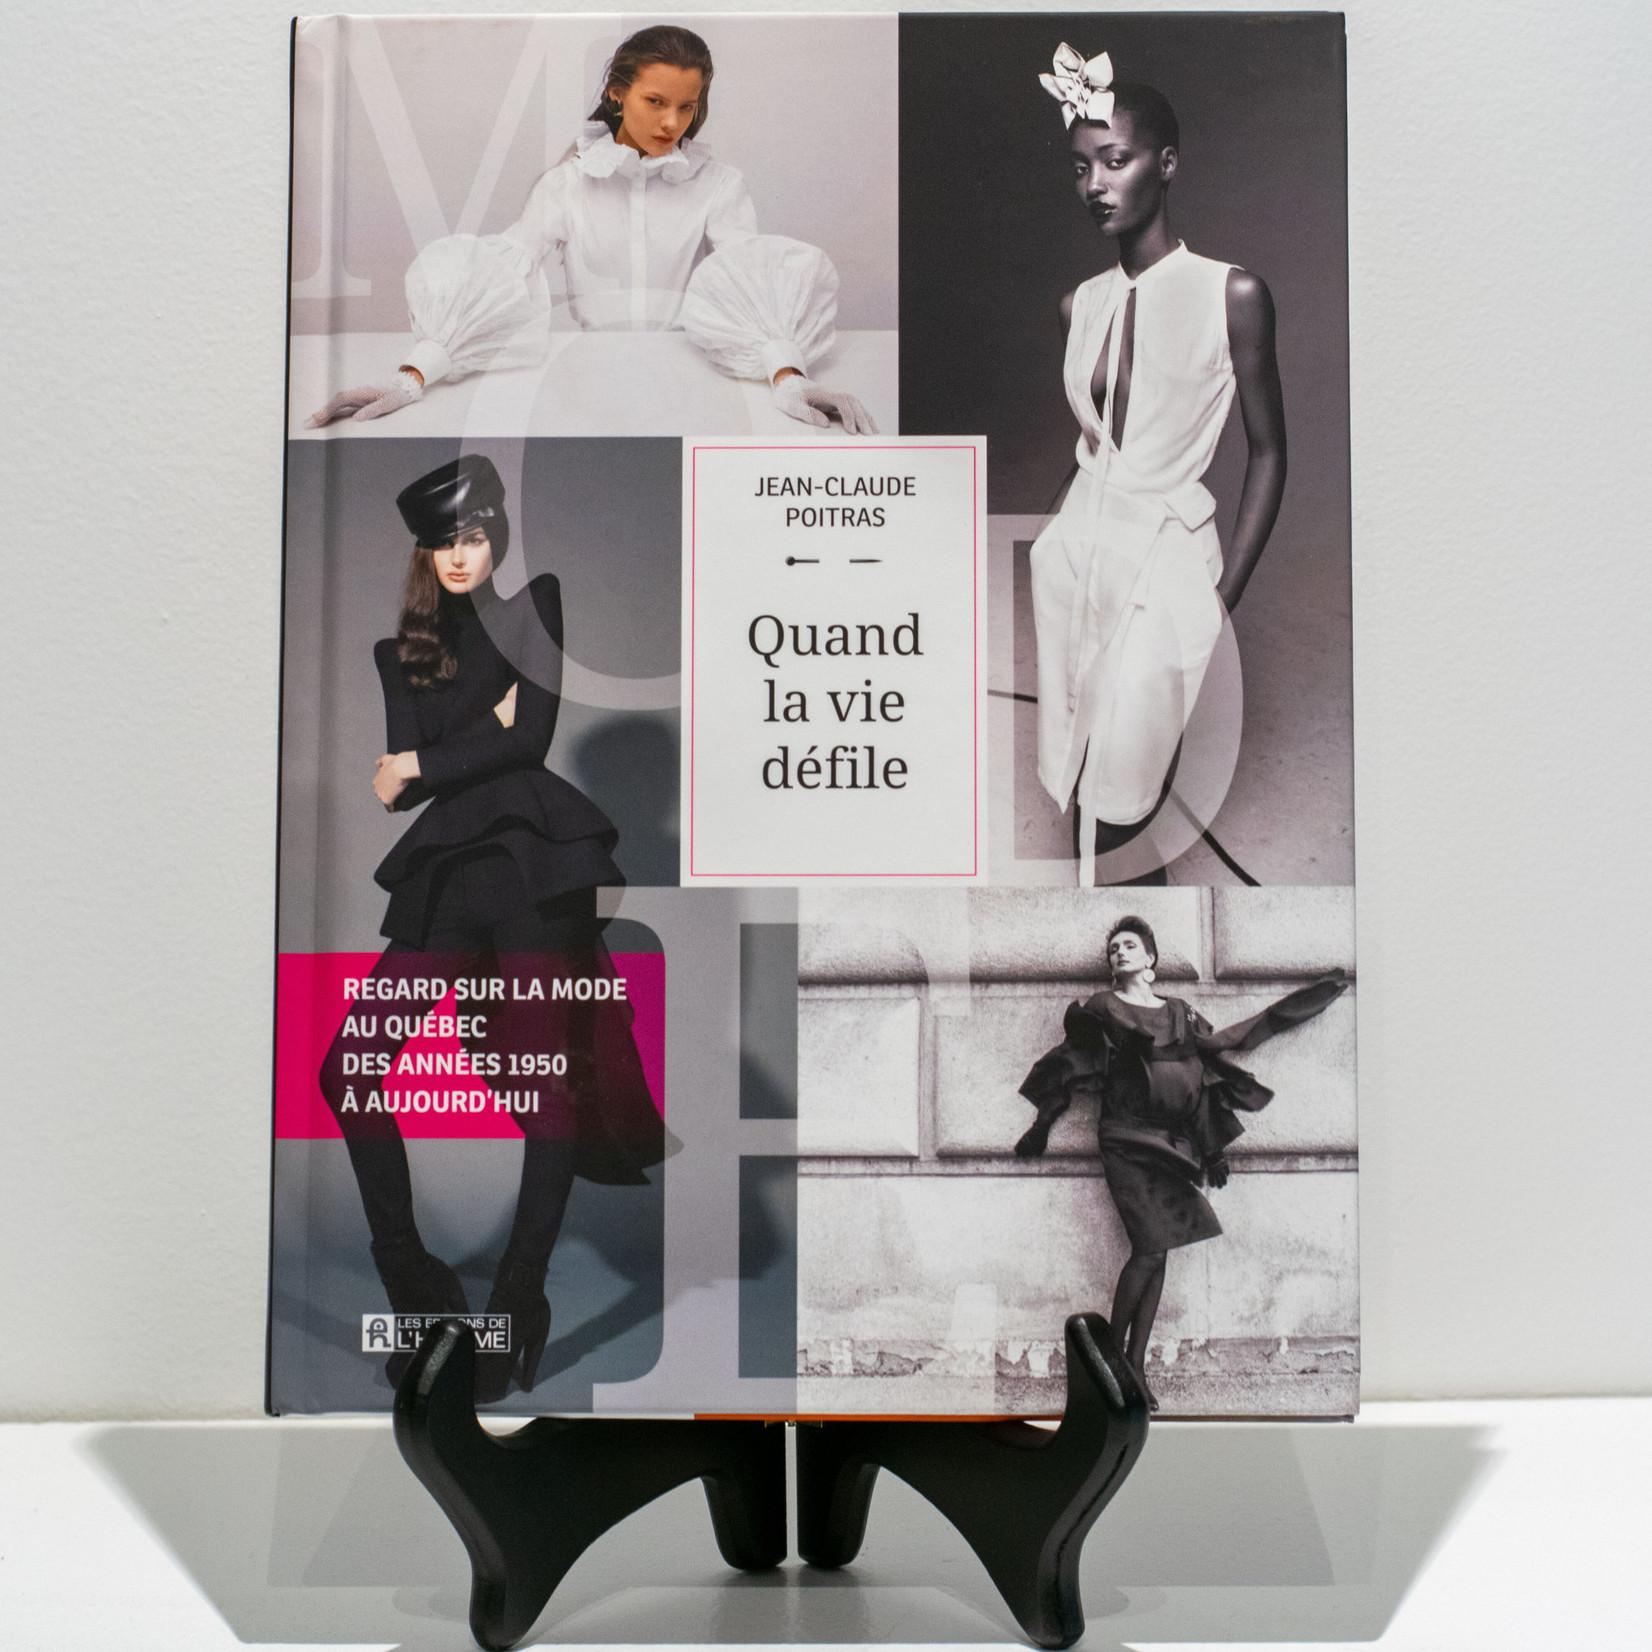 Jean-Claude Poitras - Quand la vie défile